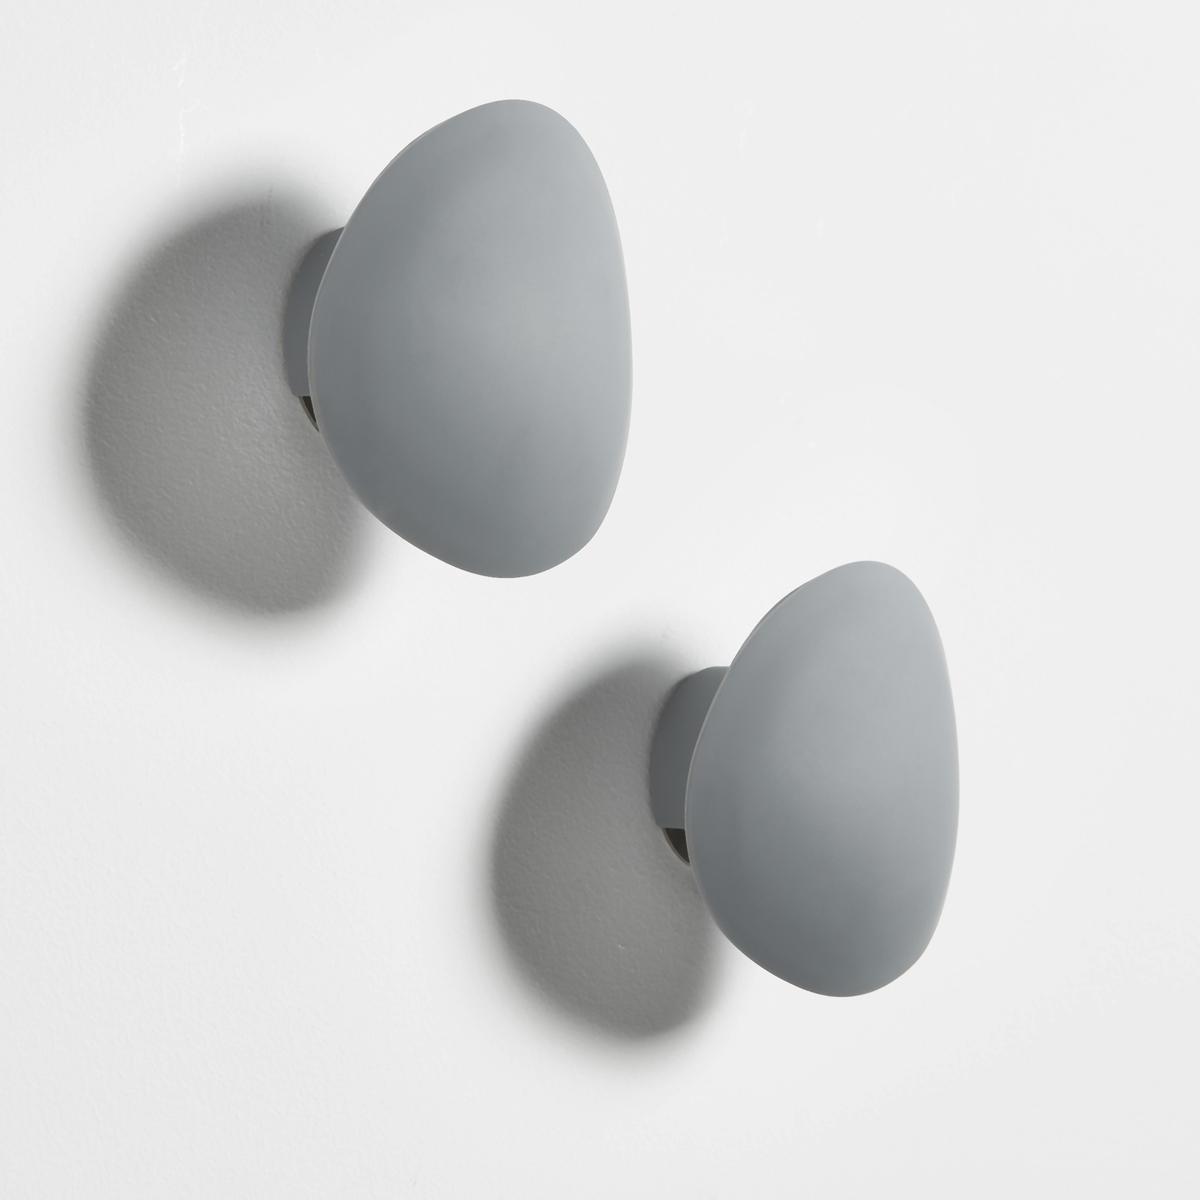 Вешалка в форме гальки, 2 шт.Описание вешалки:Комплект из 2 вешалок в форме гальки для крепления к стенеХарактеристики вешалок:Комплект из 2 вешалок в форме гальки из АБС-пластикаКрючок из нержавеющего металла с хромированной отделкой.Размеры вешалки: Д10 x В10 x Г4 смВес : 0,058 кг- Шурупы и дюбели продаются отдельноРазмеры упаковки :15 x 0,8 x 1,5 смВес : 0,116 кг<br><br>Цвет: серый,черный